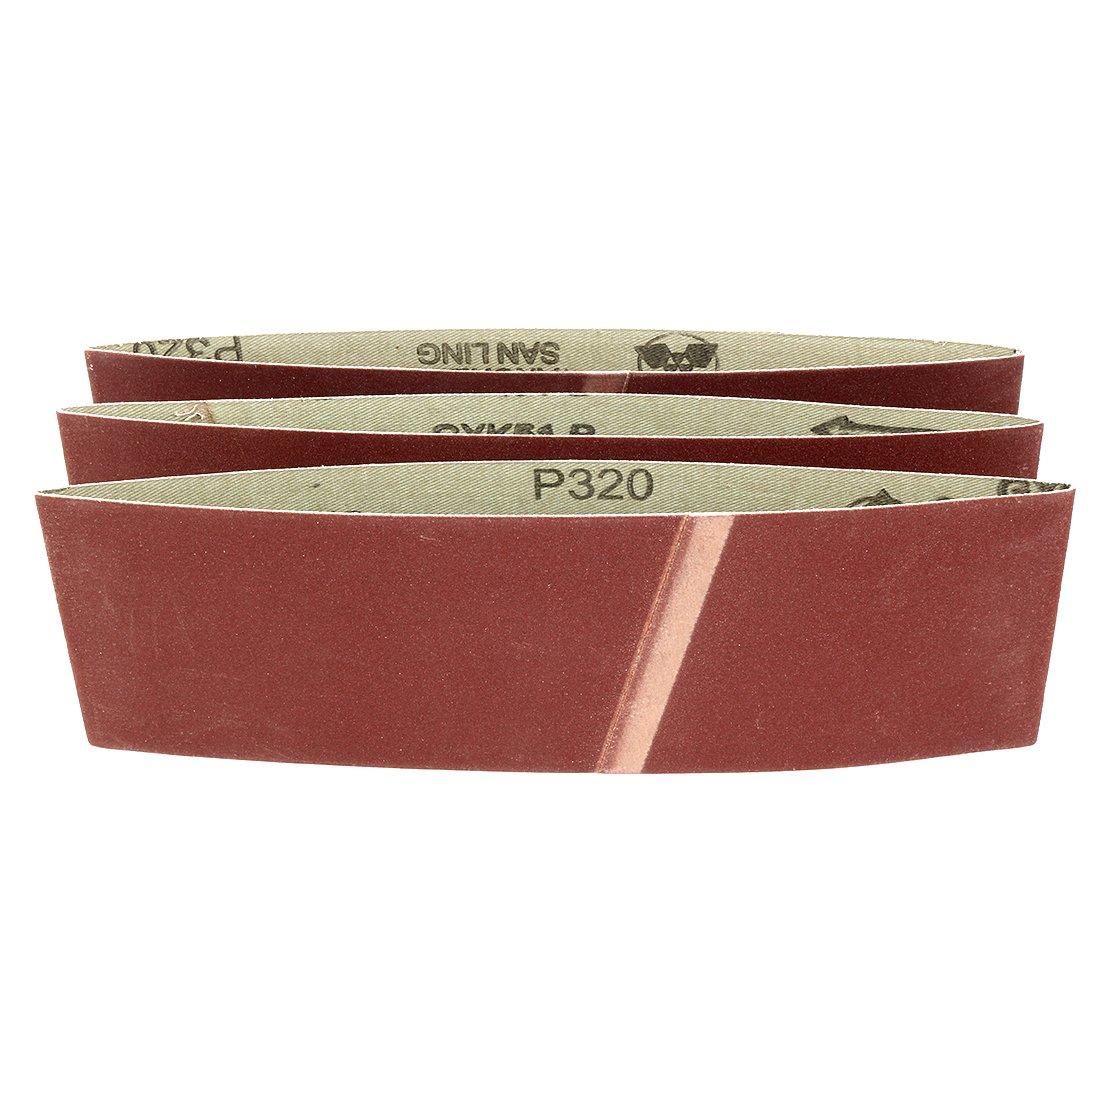 Sourcingmap 2-inch x 72-inch 120 Grit Lapped Butt Joint Aluminum Oxide Sanding Belt 2pcs